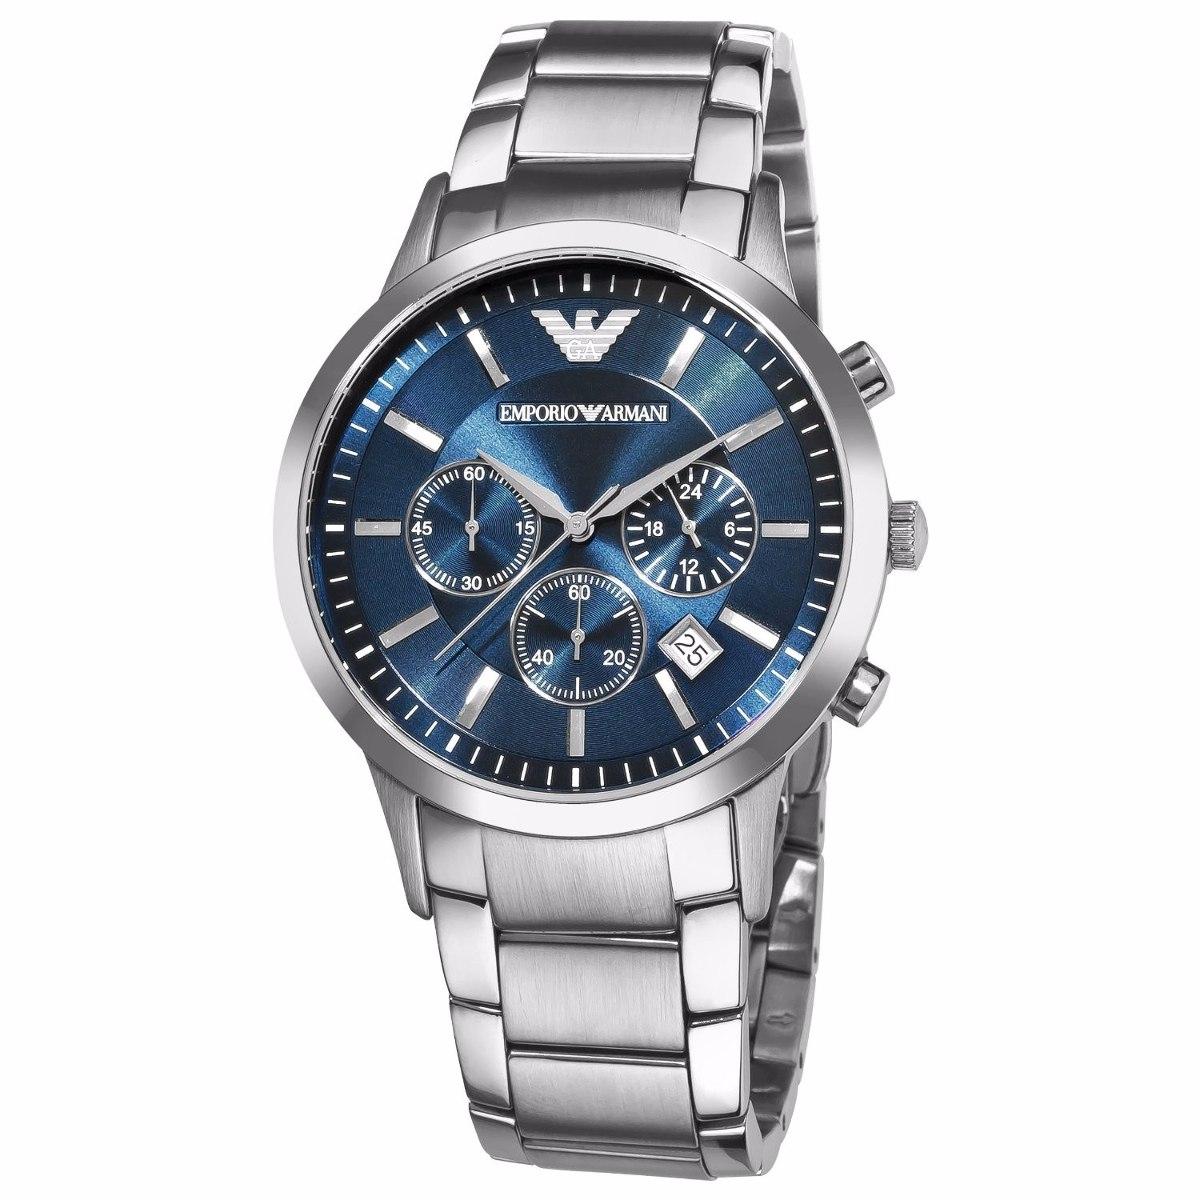 c81b55a76a9 relógio emporio armani ar2448 prata azul com caixa em oferta. Carregando  zoom.